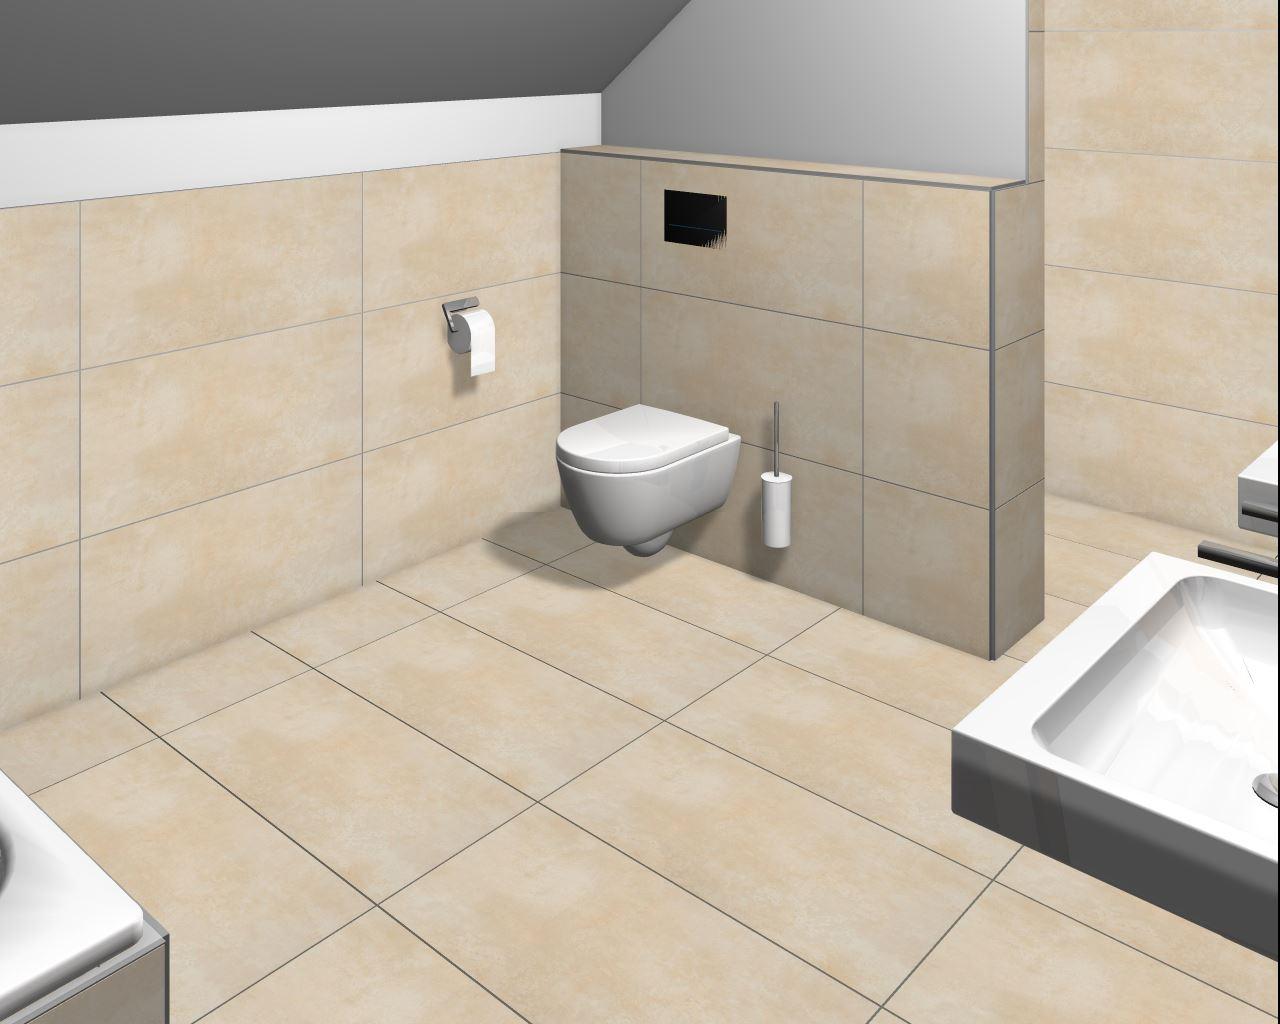 Hausbau niederzier mit 4life: badimpressionen